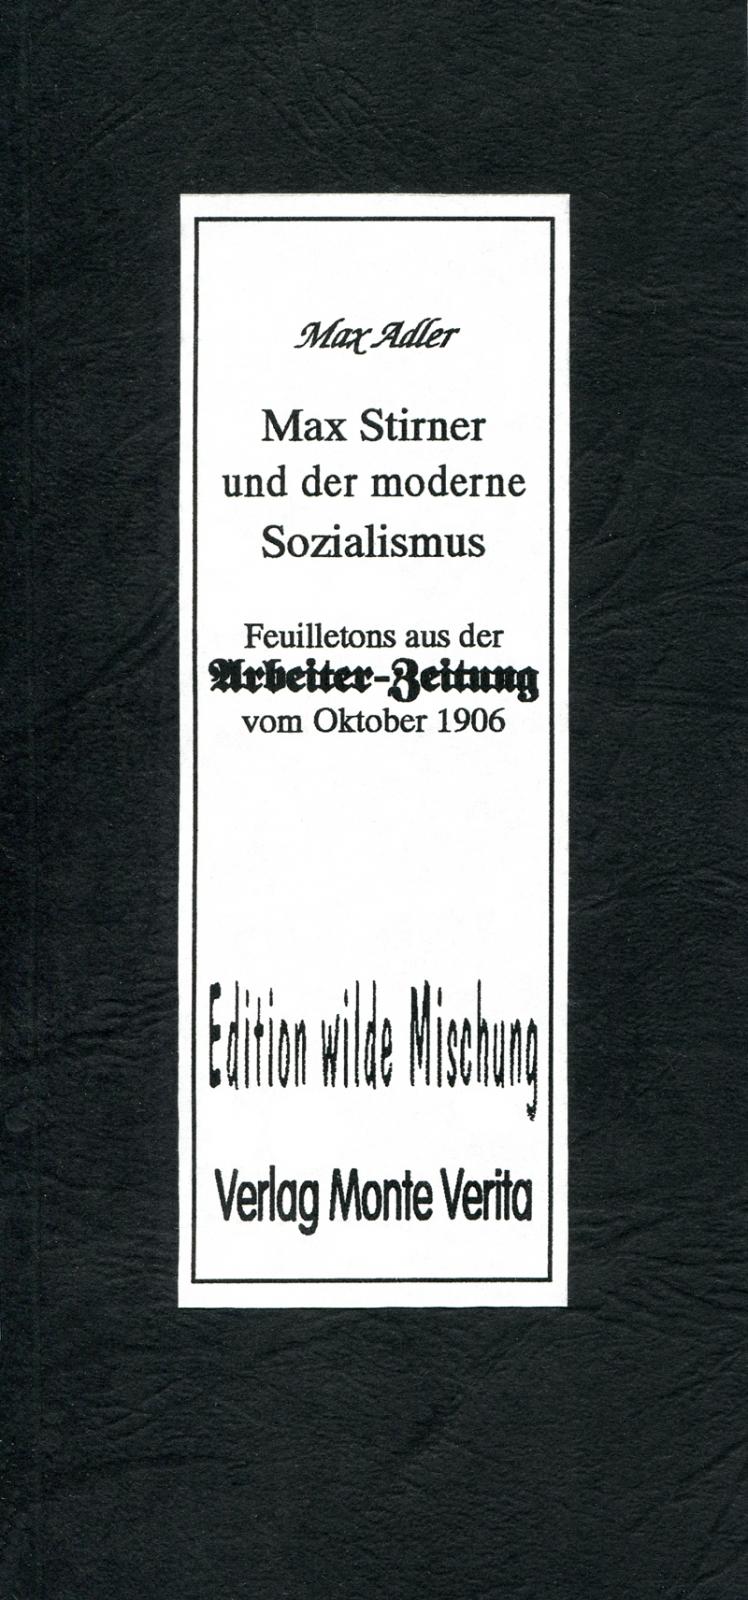 Max Stirner und der moderne Sozialismus